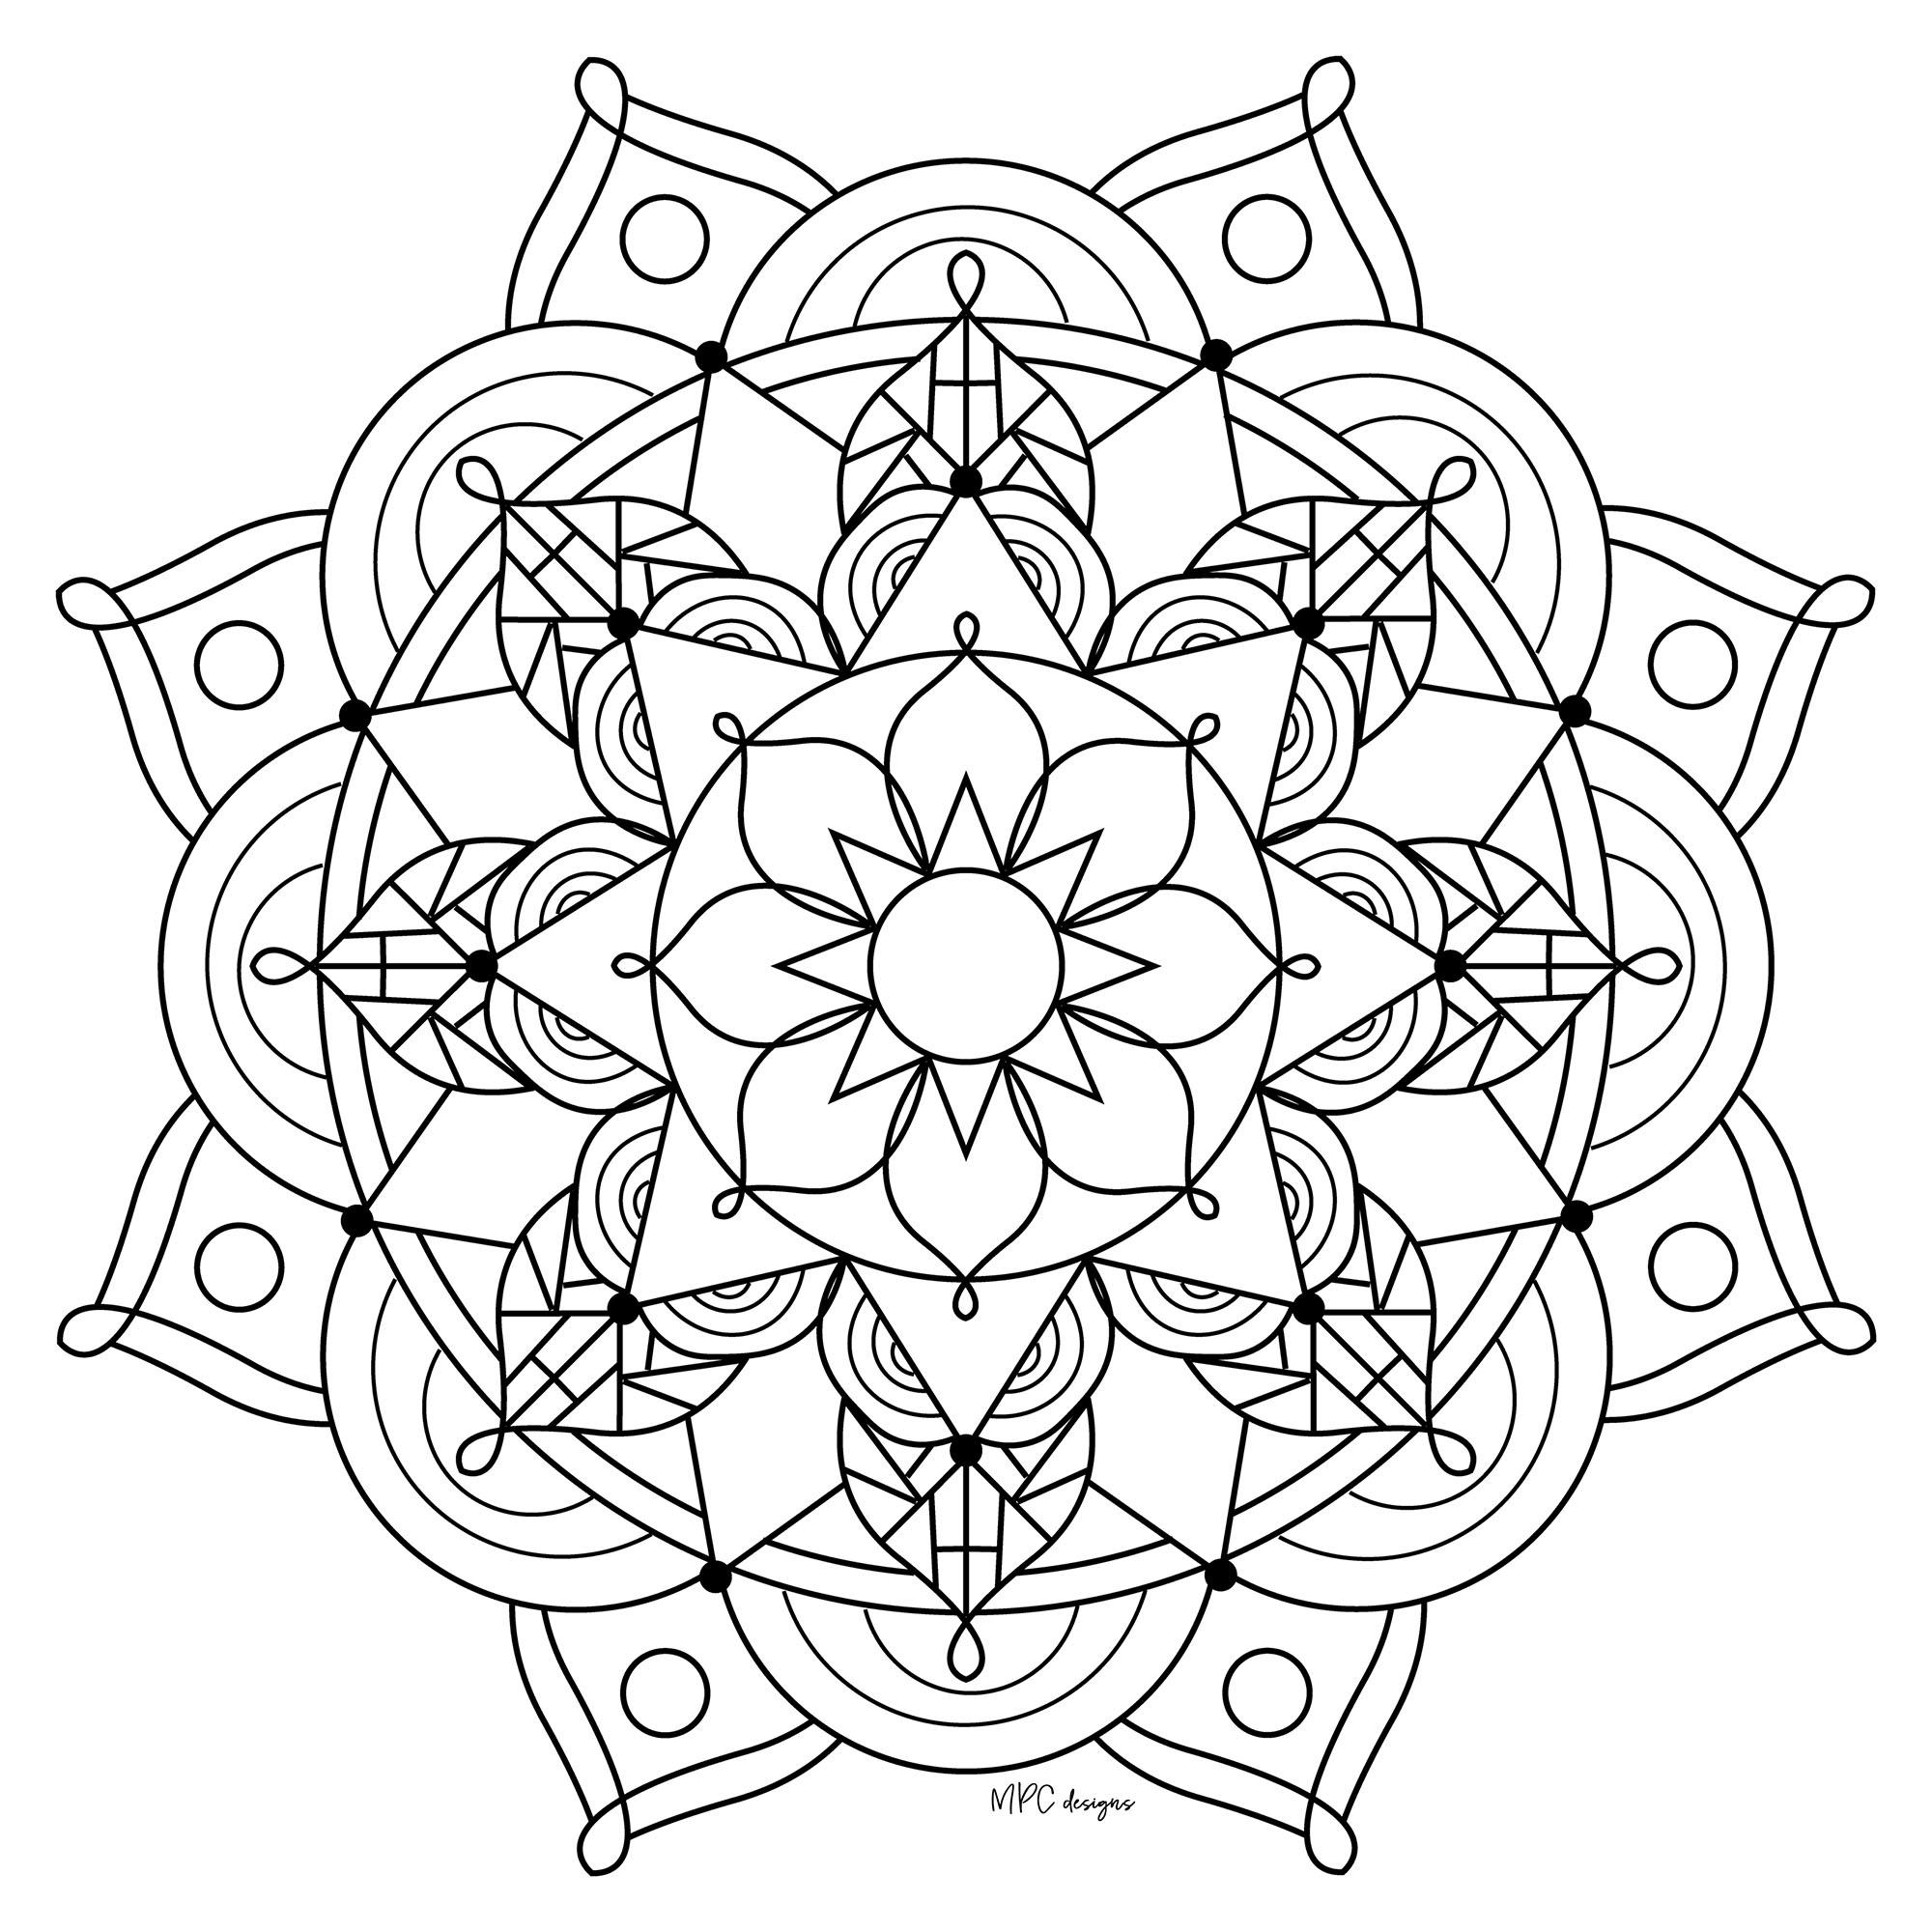 Nouveau Image Zen A Imprimer Gratuit